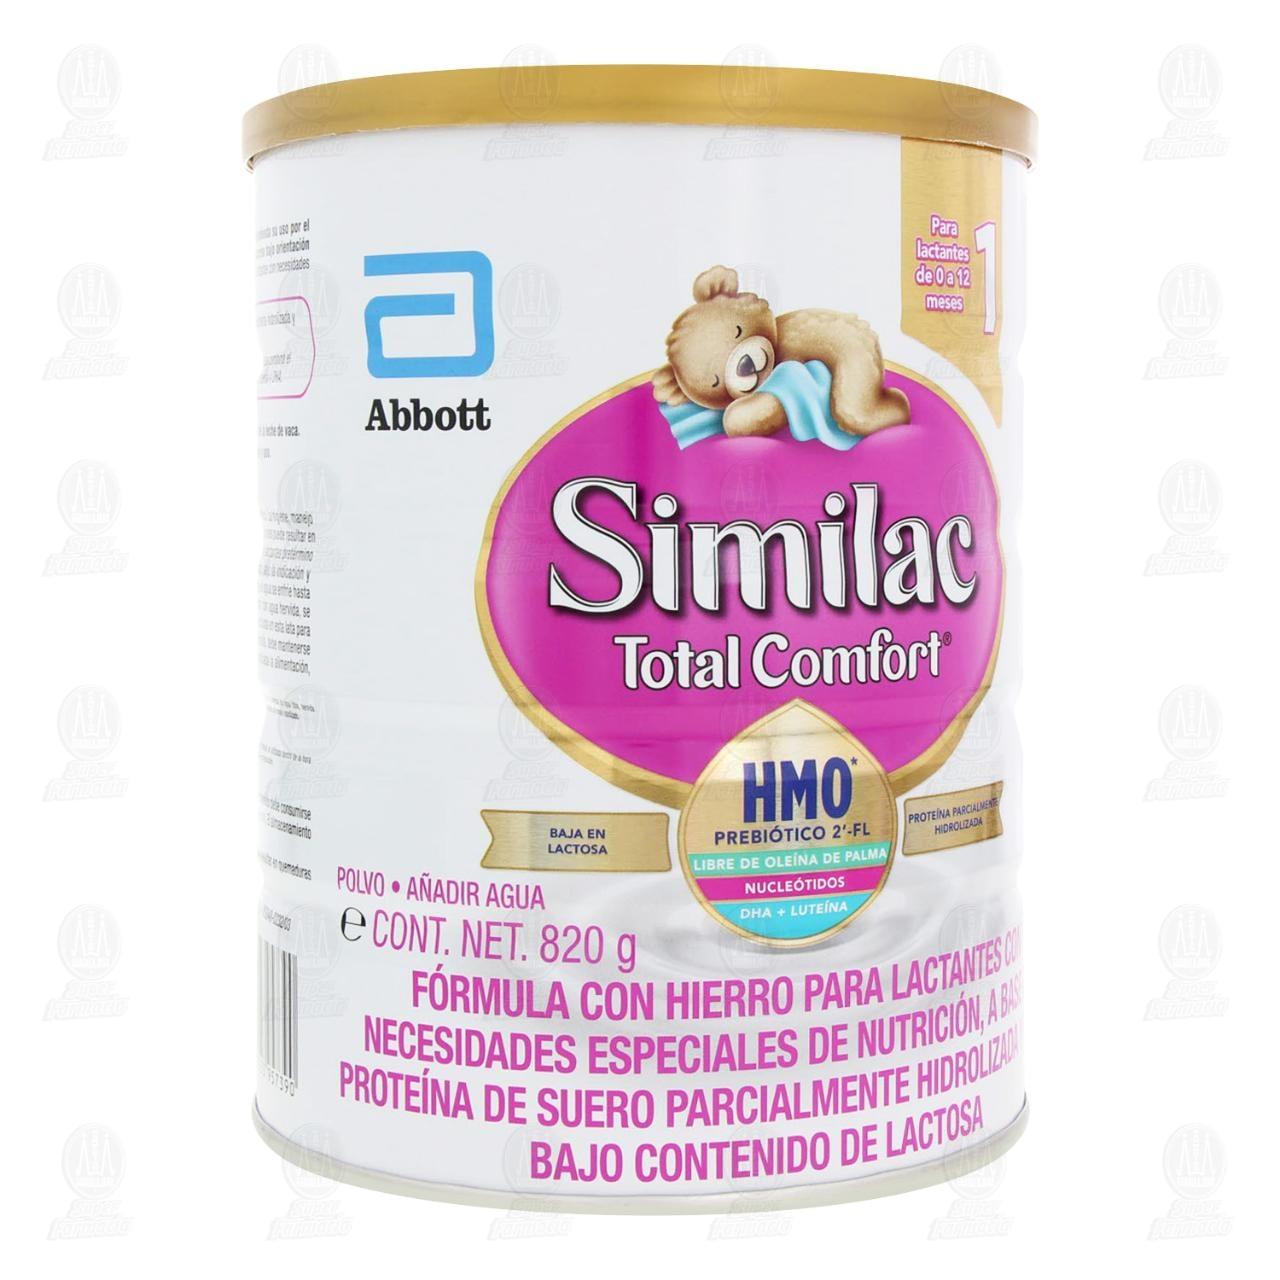 comprar https://www.movil.farmaciasguadalajara.com/wcsstore/FGCAS/wcs/products/1141031_A_1280_AL.jpg en farmacias guadalajara